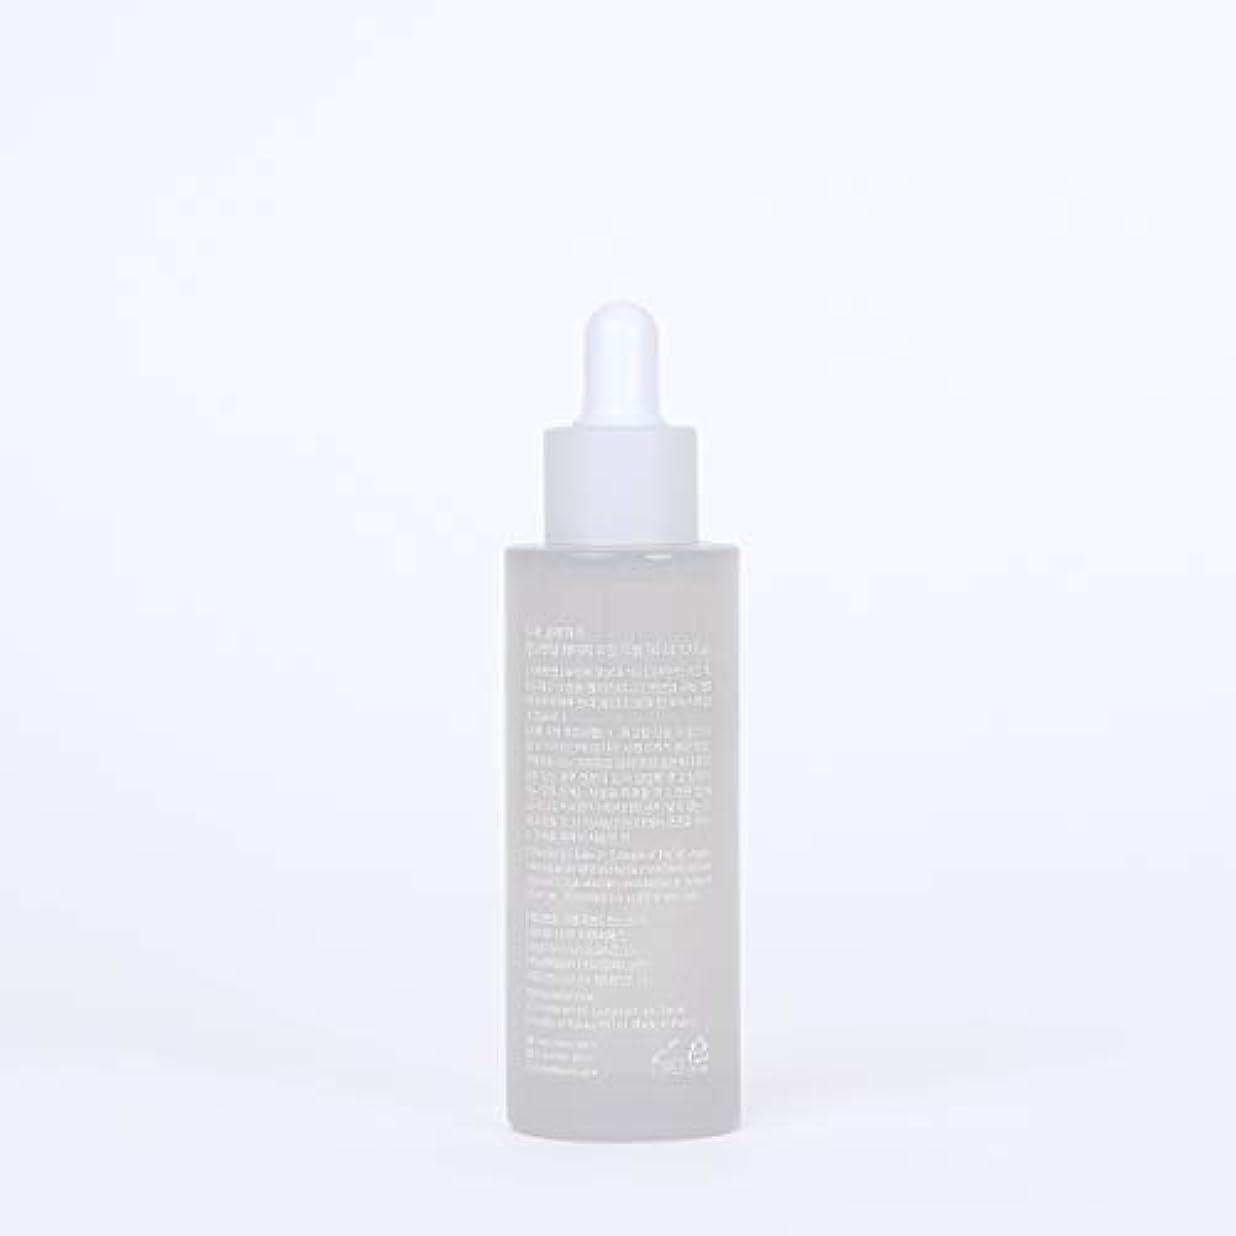 元気環境ジェム【クレアス(Klairs)】ファンダメンタルウォーターリーオイルドロップ, Fundamental Watery Oil Drop, 50ml, [並行輸入品]